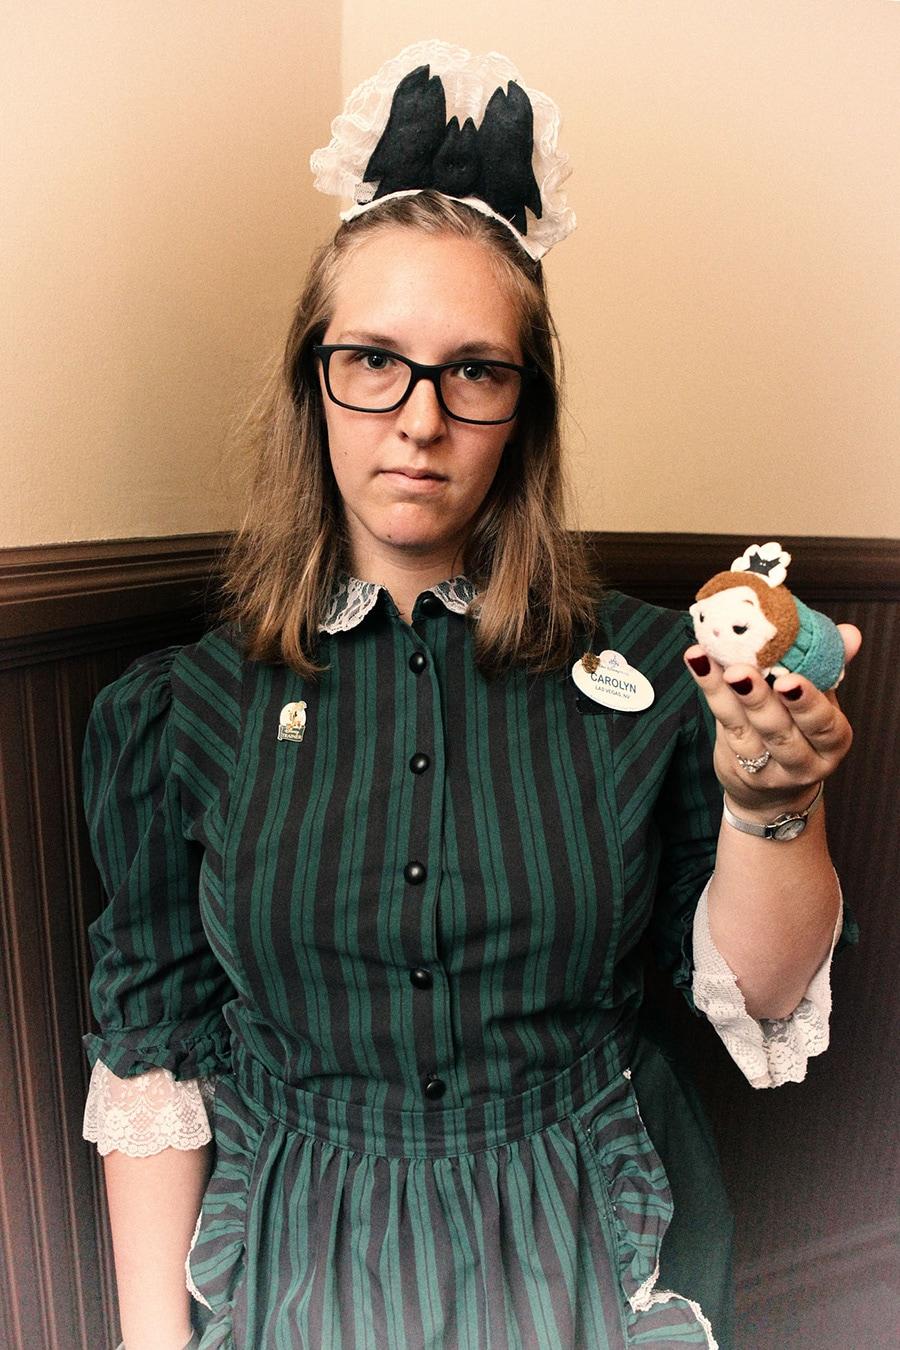 Hostess and Hostess Tsum Tsum at The Haunted Mansion at Magic Kingdom Park at Walt Disney World Resort